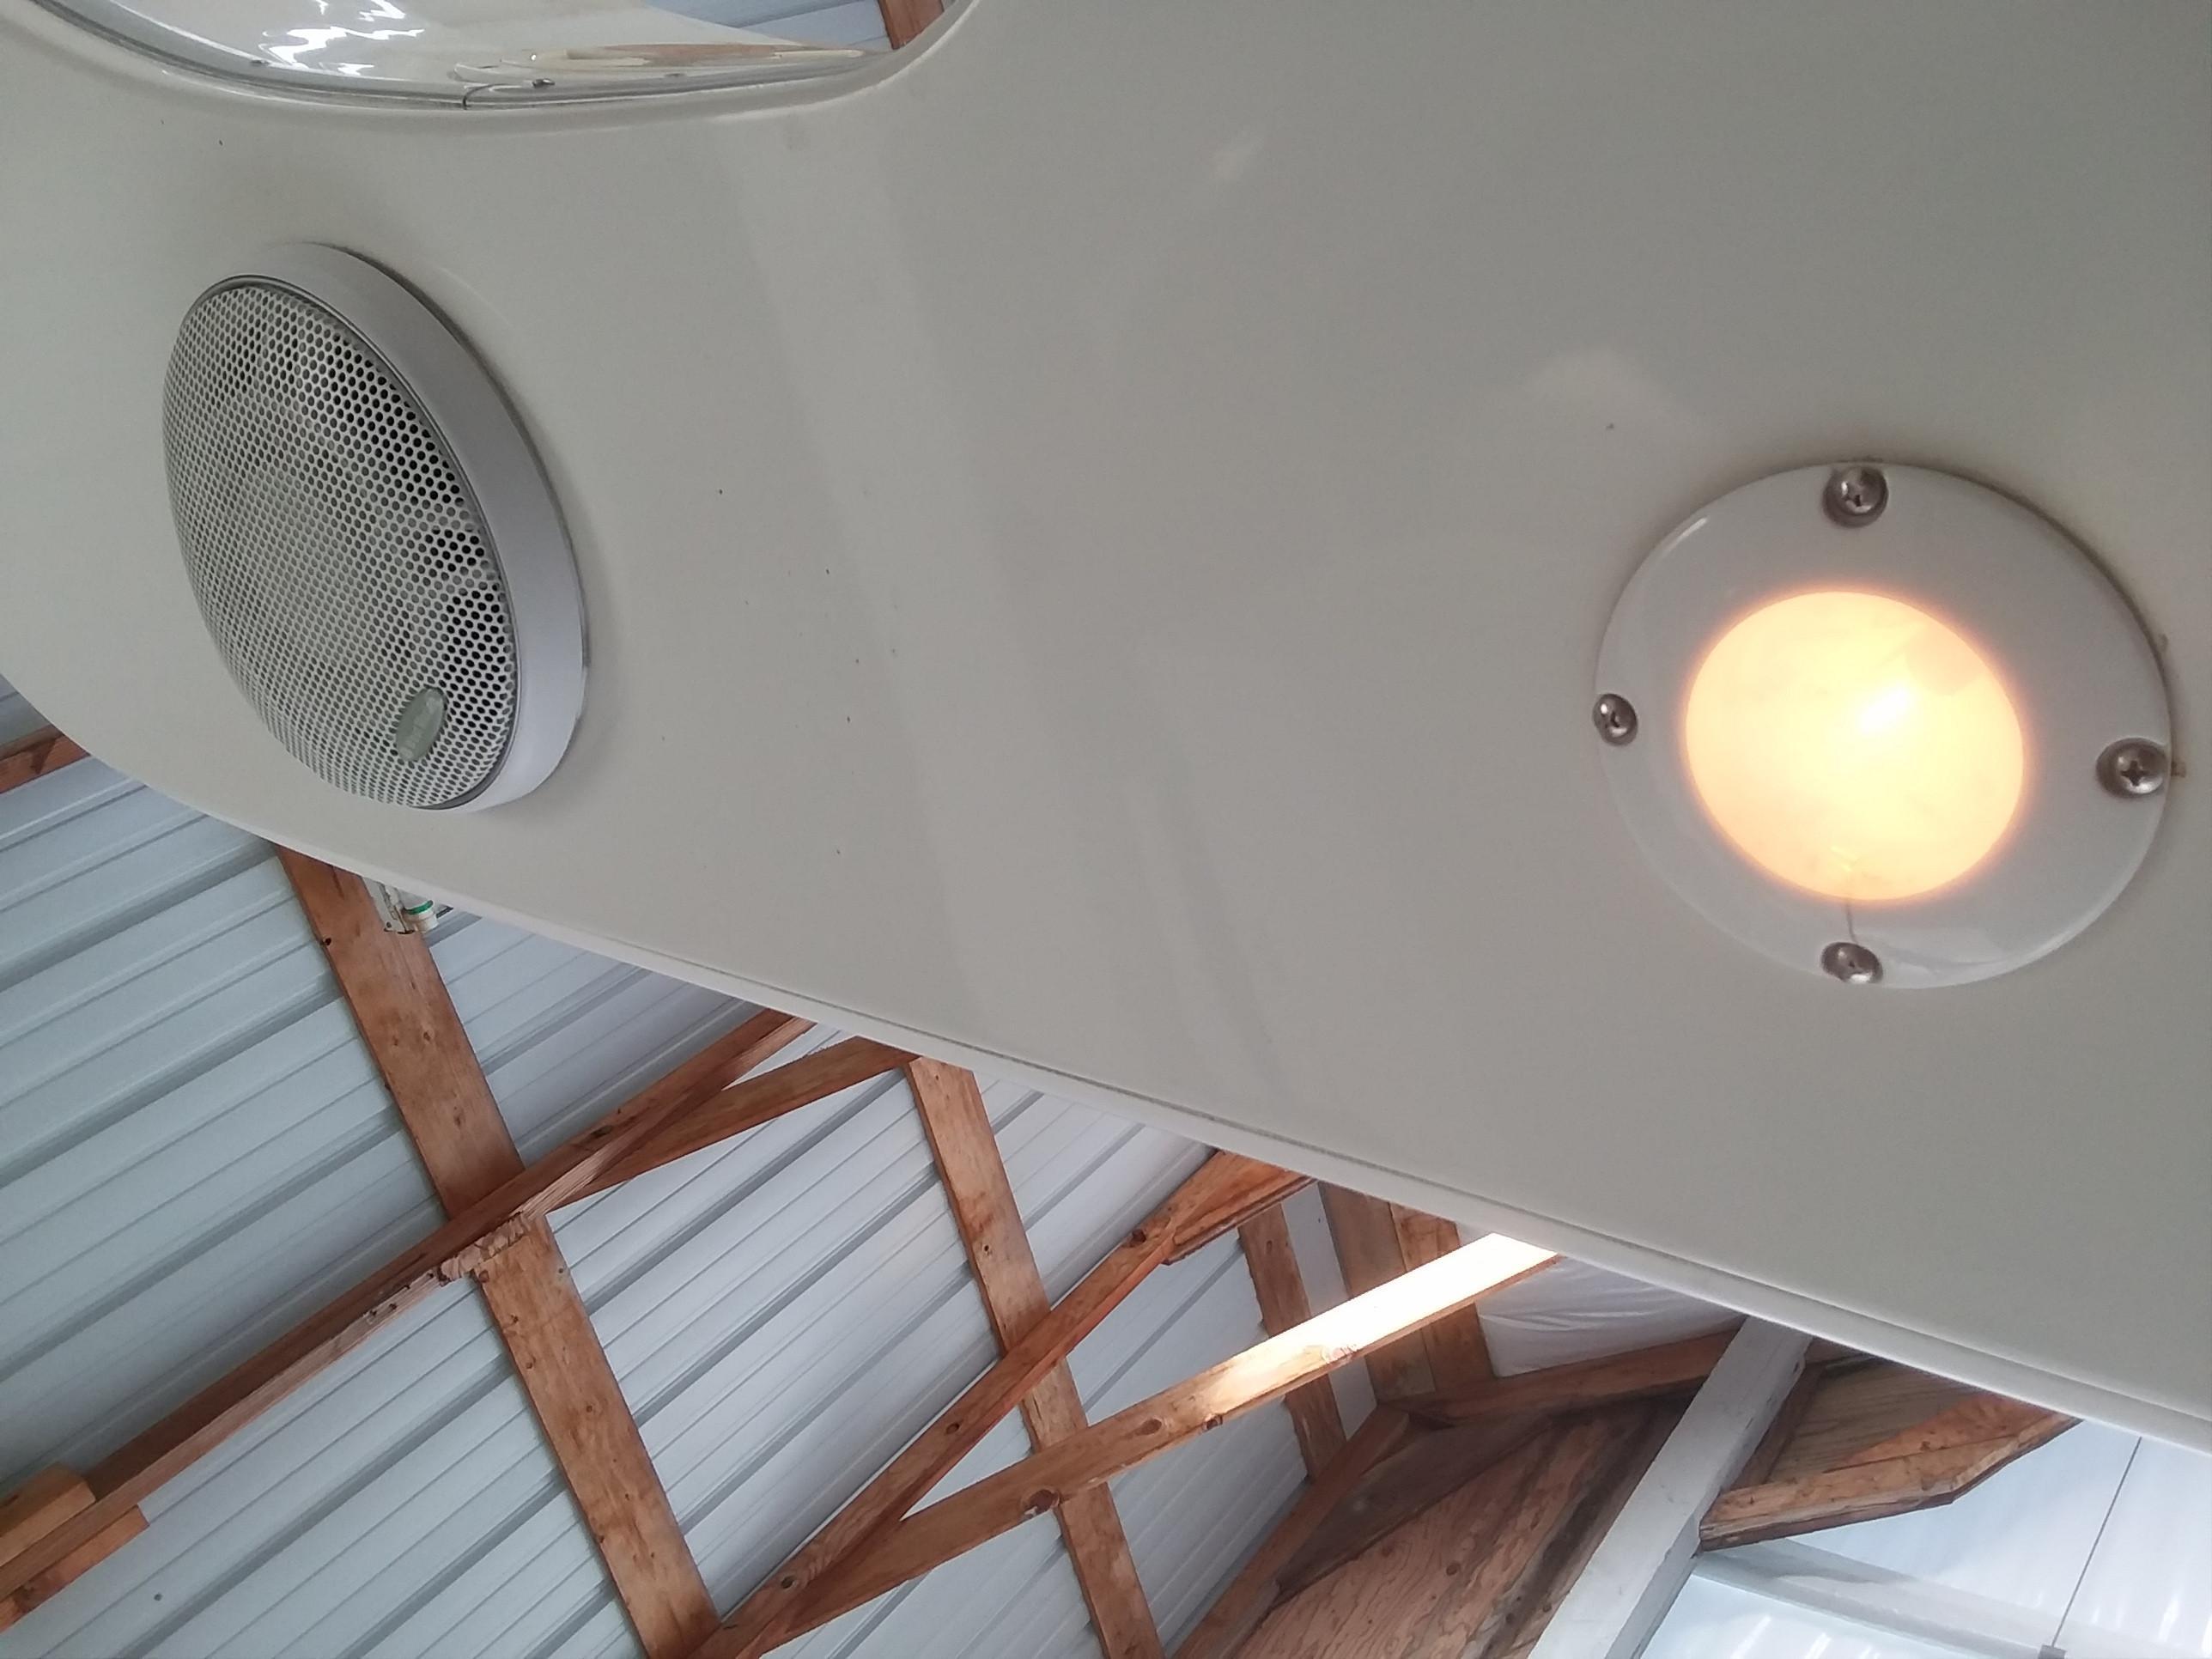 Lights & speakers